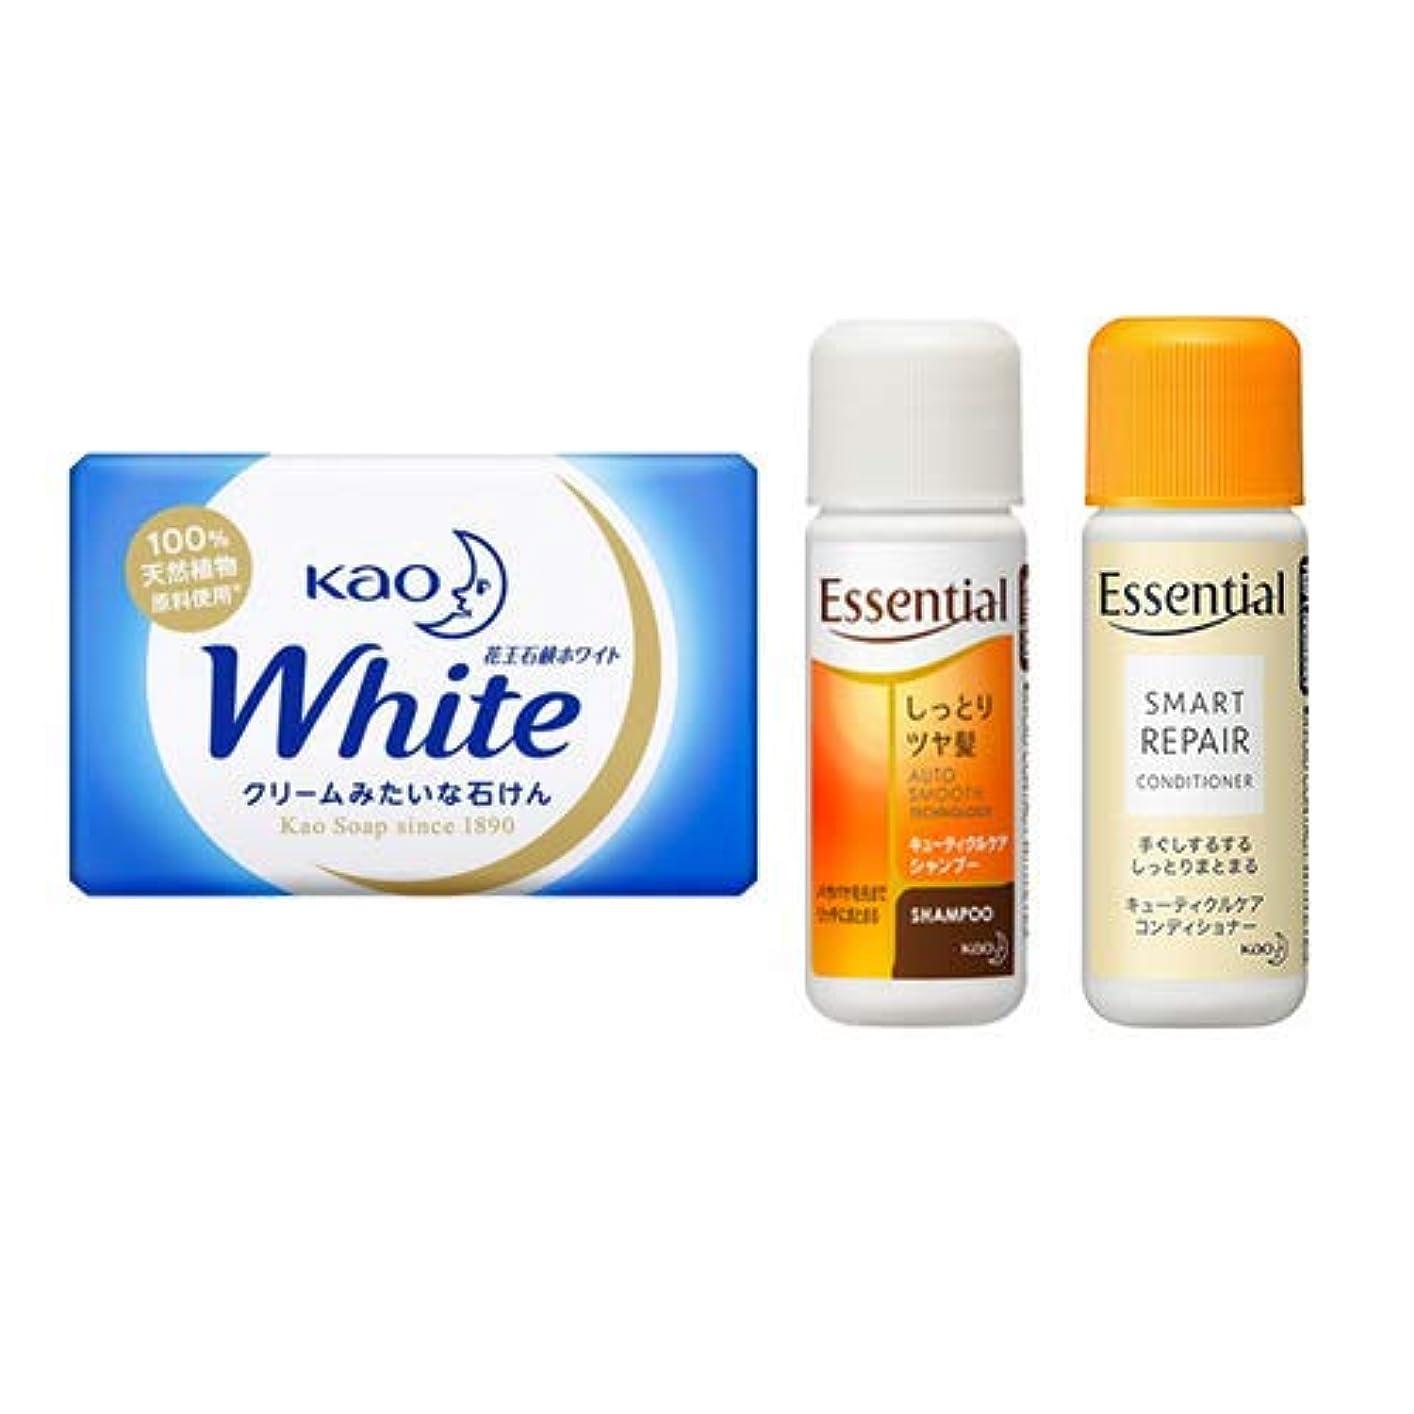 損失マチュピチュ誕生日花王(KAO) 石鹸ホワイト(Kao Soap White) 15g + エッセンシャルシャンプー 16ml + コンディショナー 16ml セット